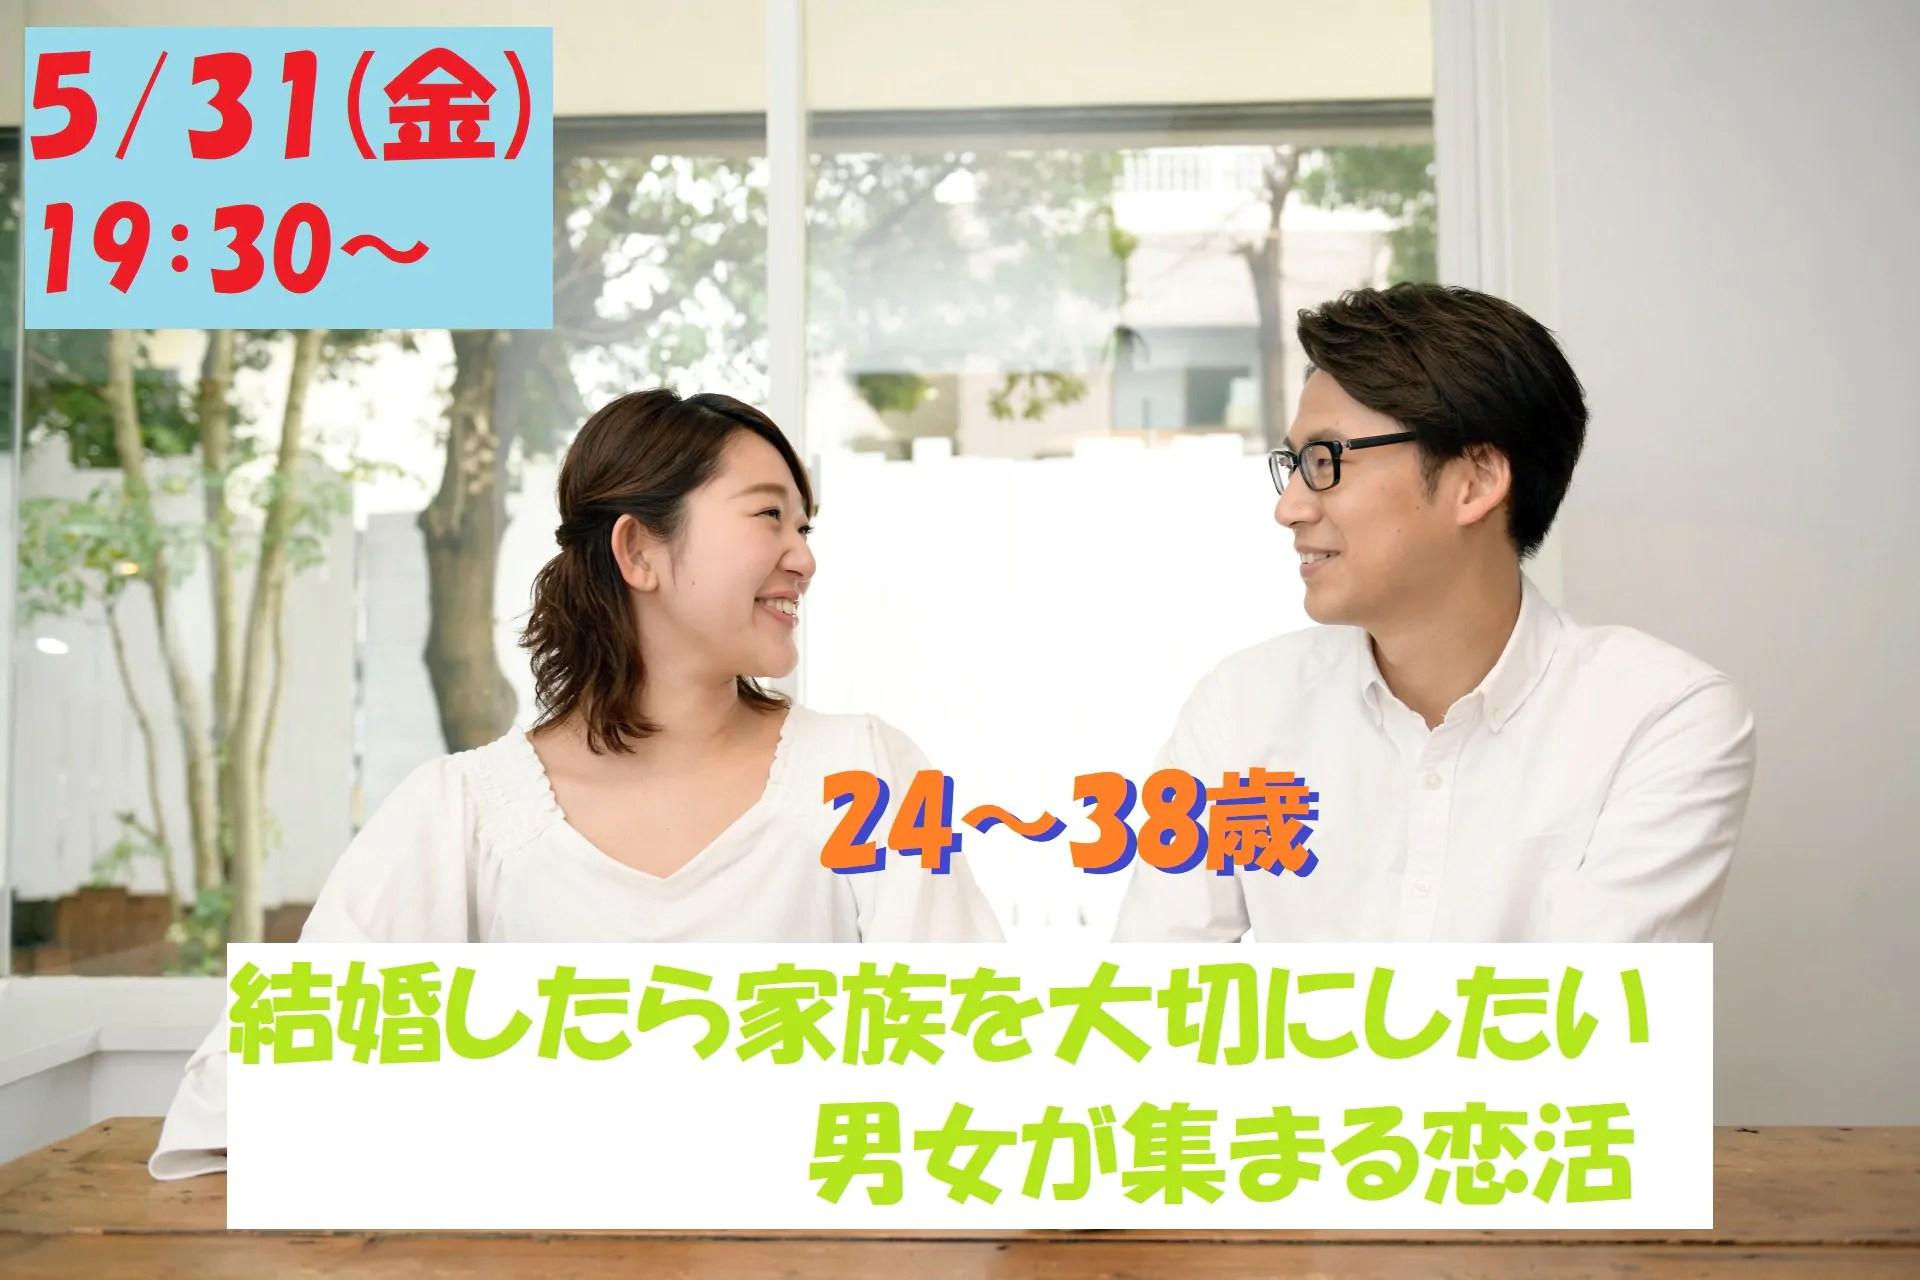 【終了】5月31日(金)19時30分~【24~38歳】フィーリングが合えば進展したいな!結婚したら家族を大切にしたい男女が集まる恋活!